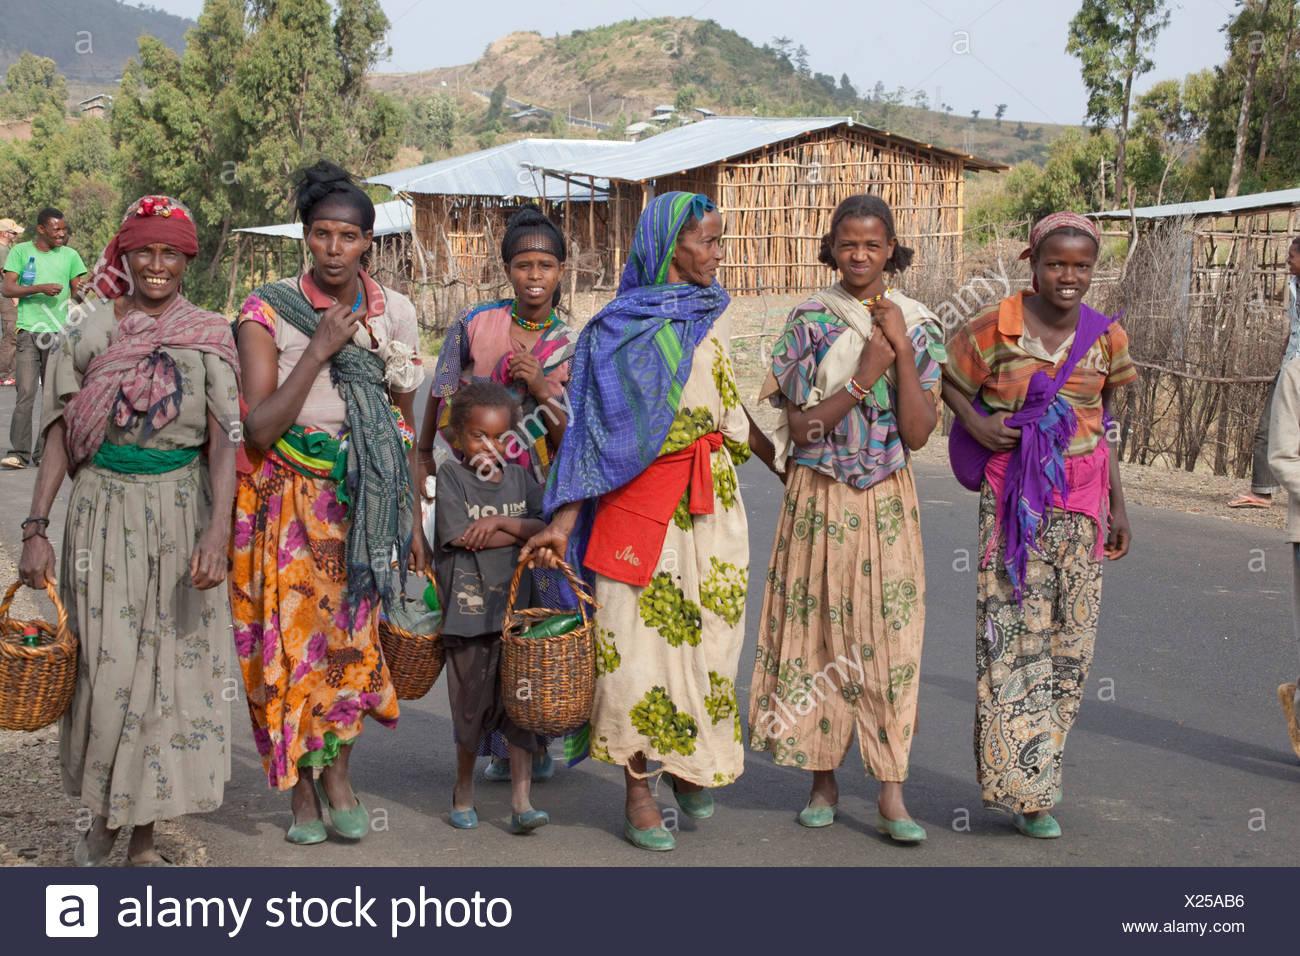 Persone, Oromo, Etiopia, tribù, Africa, donna, asino, Immagini Stock